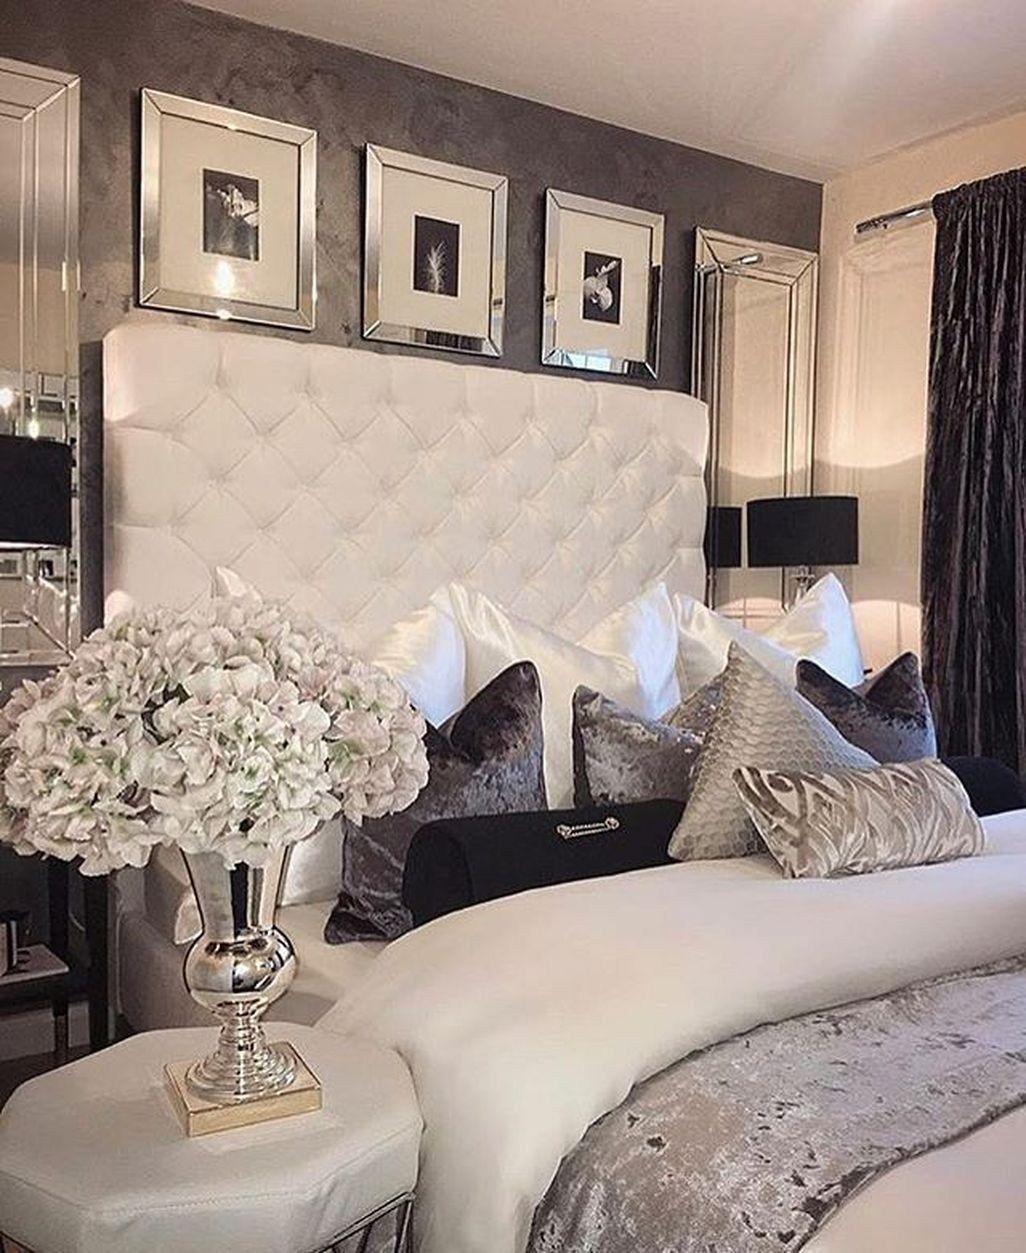 Elegant Small Master Bedroom Decoration Ideas 13 Small Master